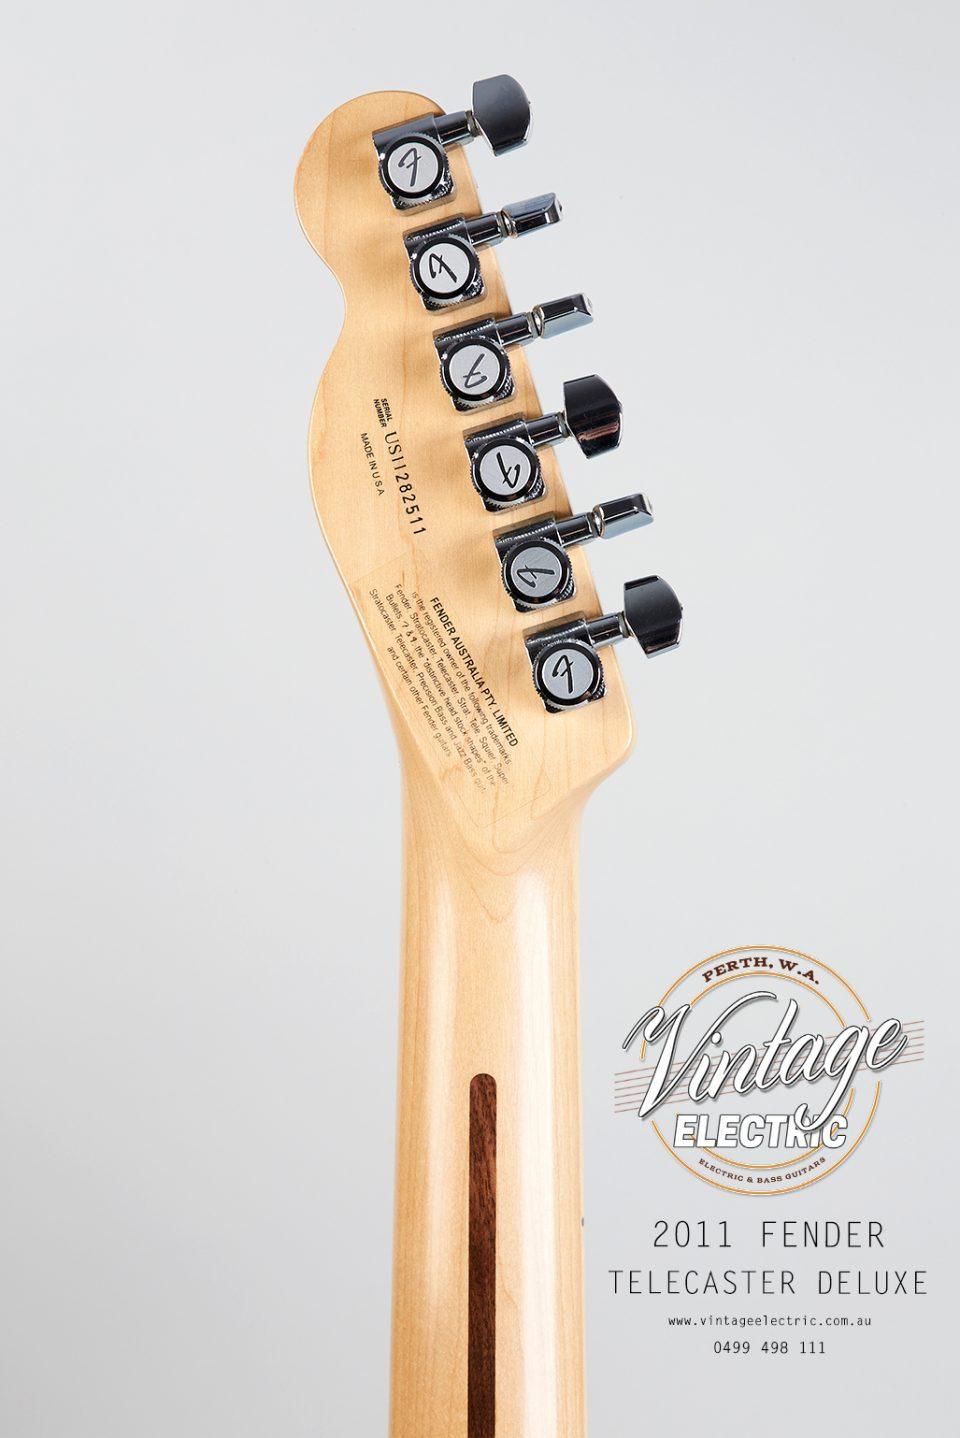 2011 Fender Telecaster Deluxe Back of Headstock